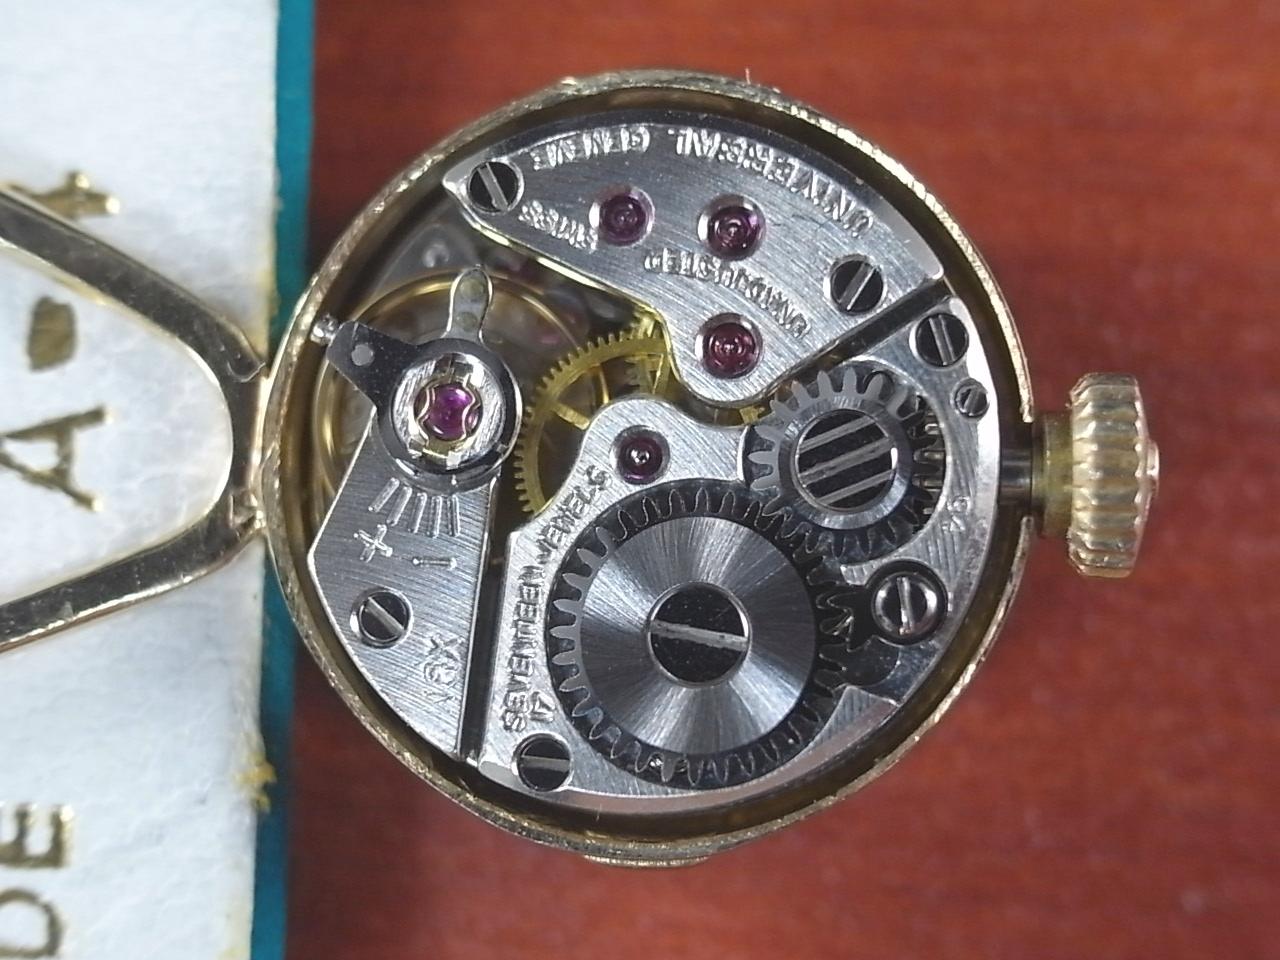 ユニバーサル・ジュネーブ レディース 14KYG カメレオン ベルト・ボックス付の写真5枚目